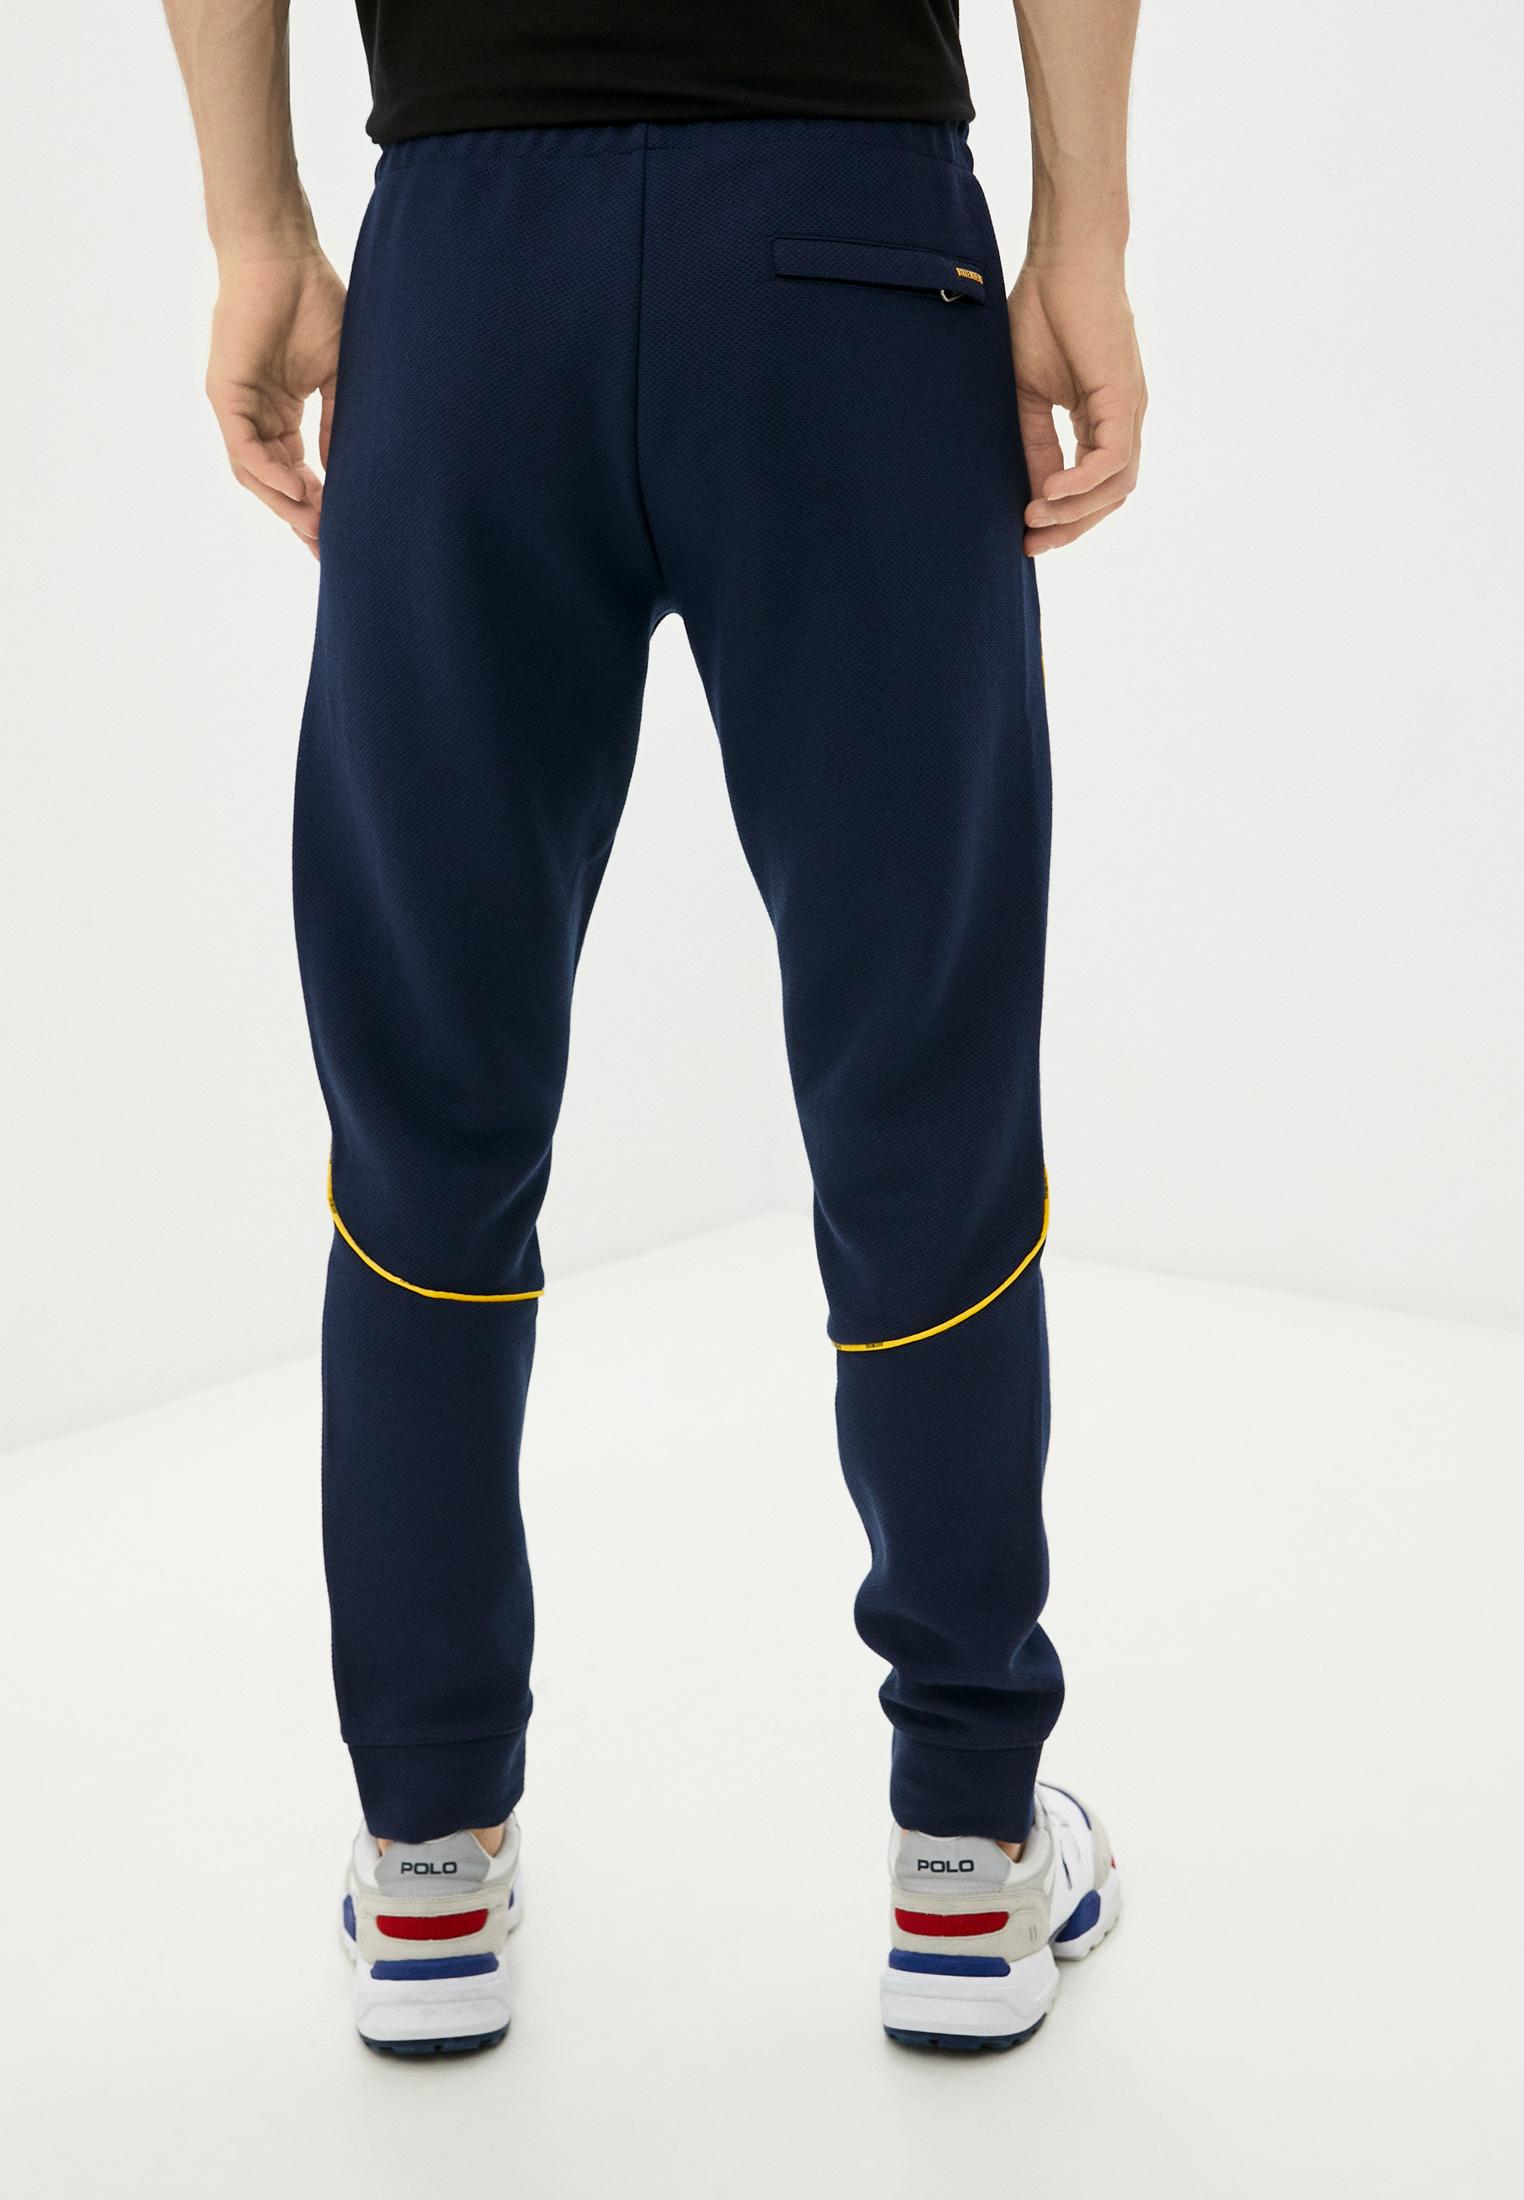 Мужские спортивные брюки Bikkembergs (Биккембергс) C 1 193 80 M 4299: изображение 4